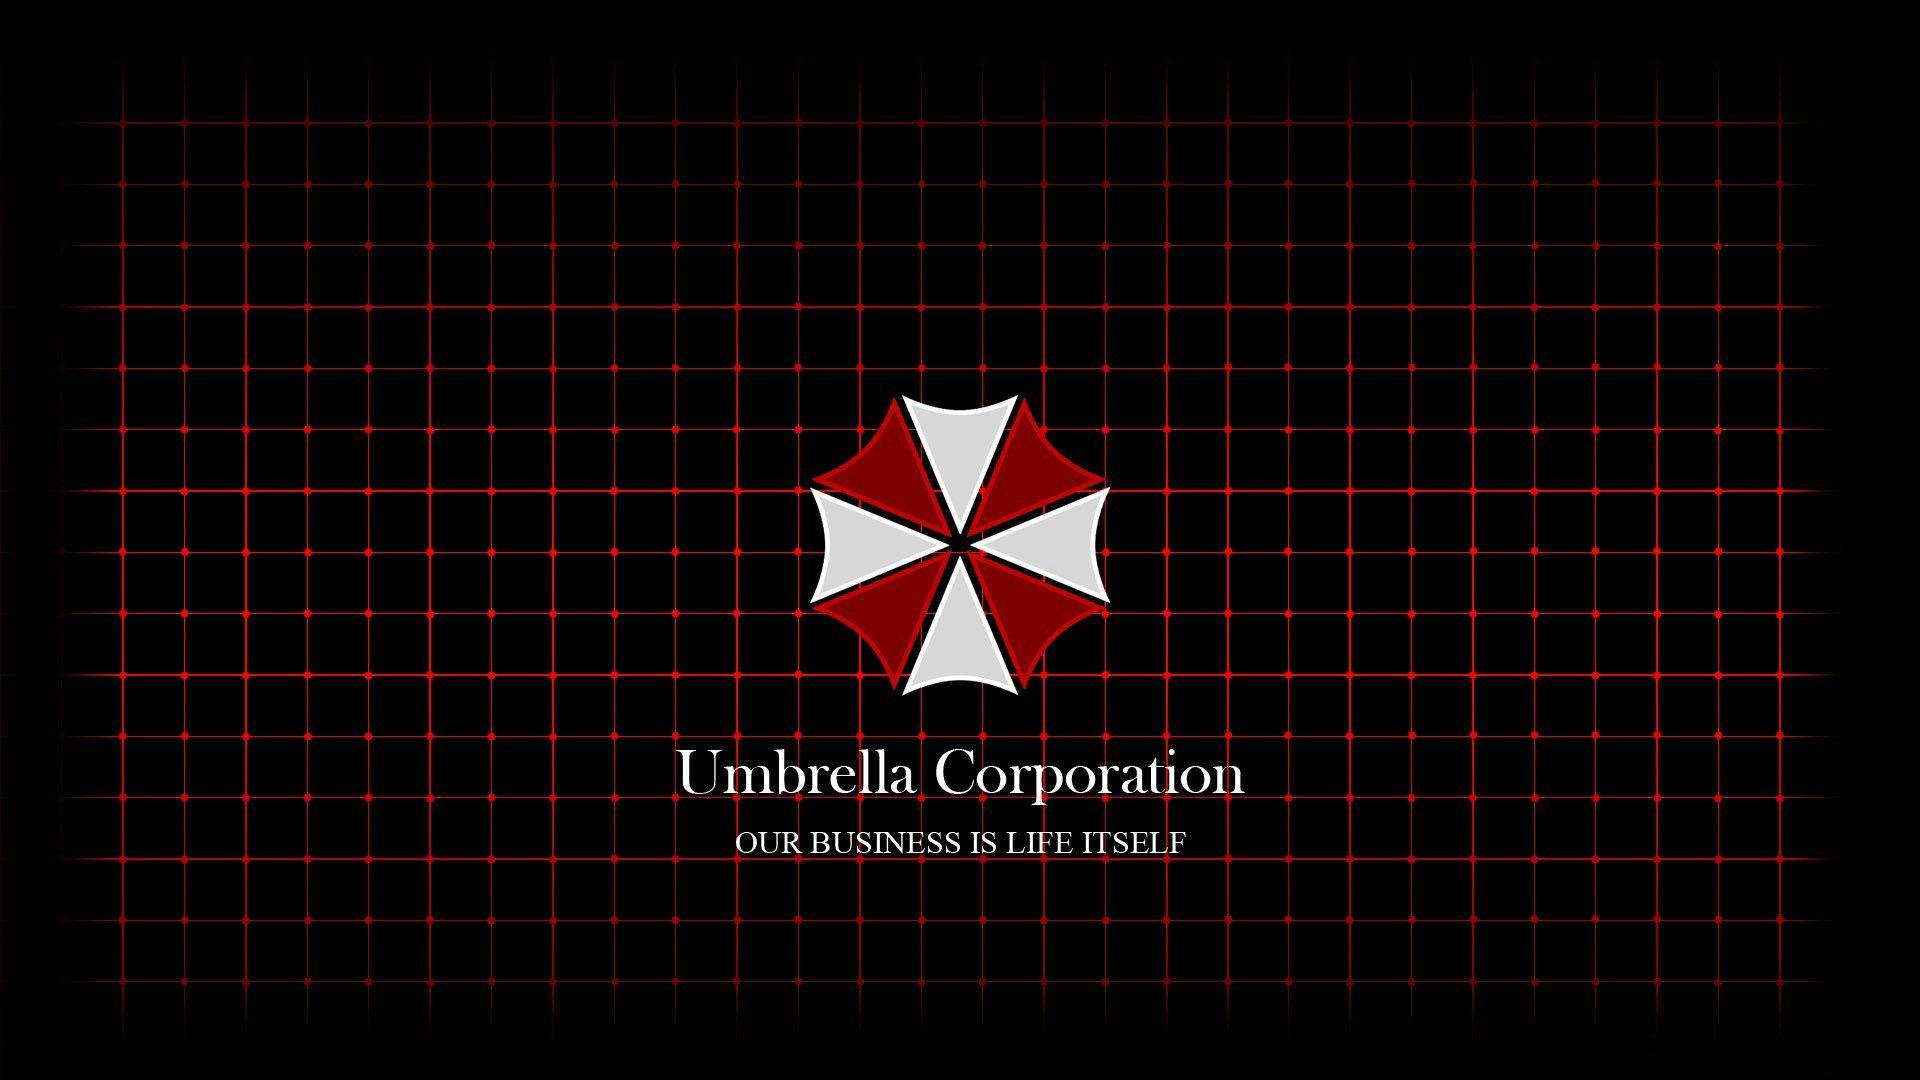 网友发现国内一家生物公司Logo是保护伞 被网友疯狂玩梗